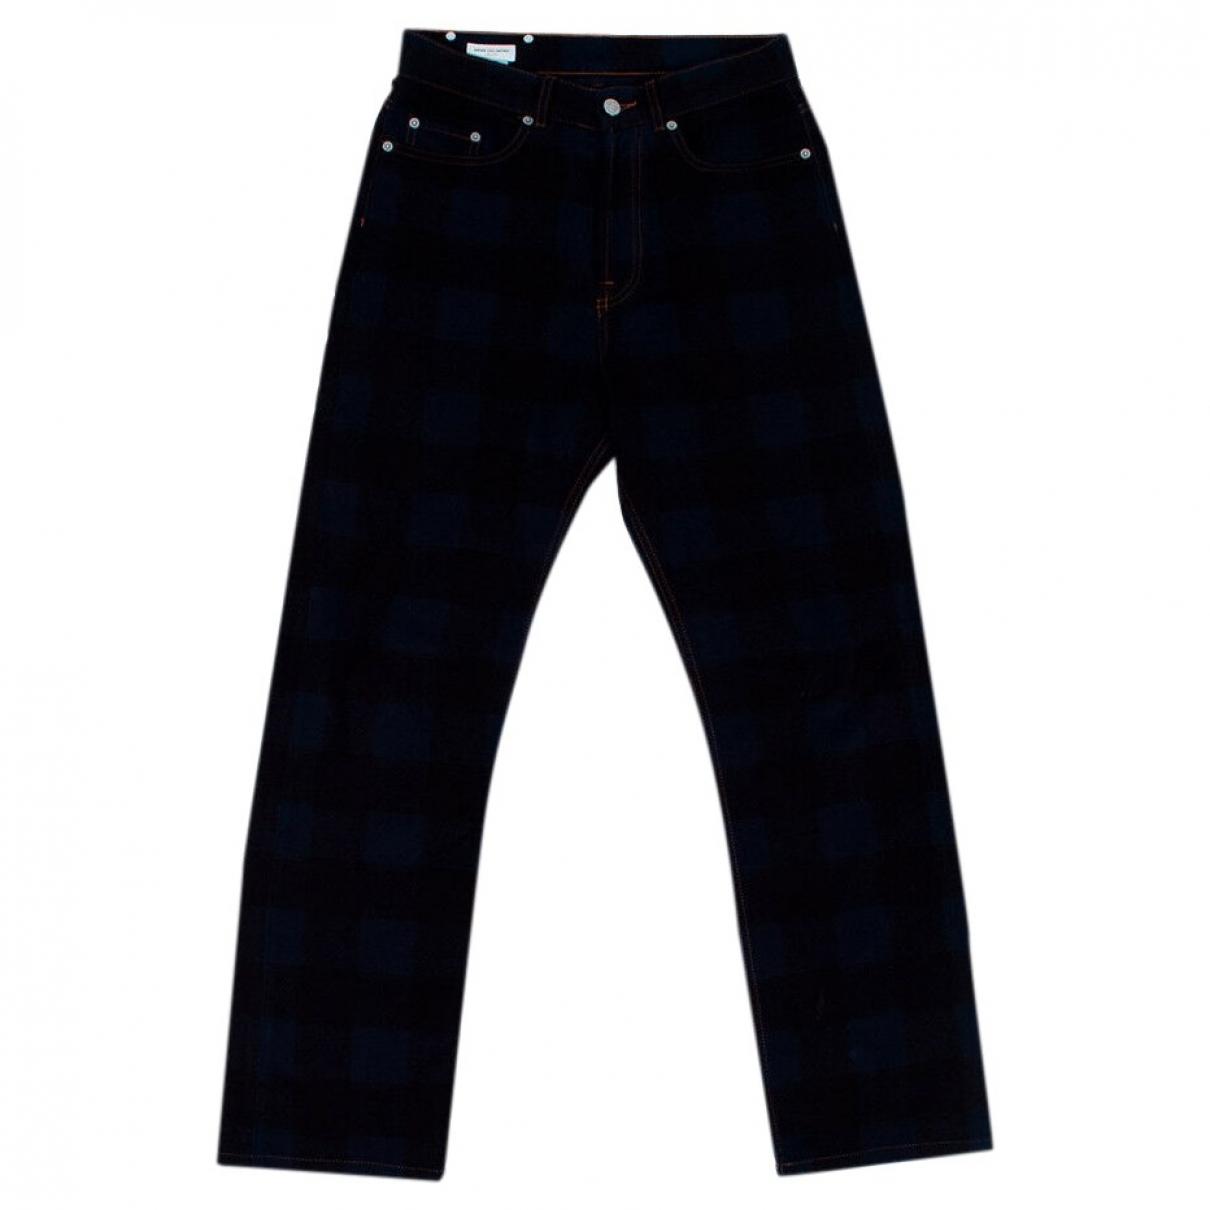 Dries Van Noten \N Multicolour Cotton Trousers for Men 28 UK - US